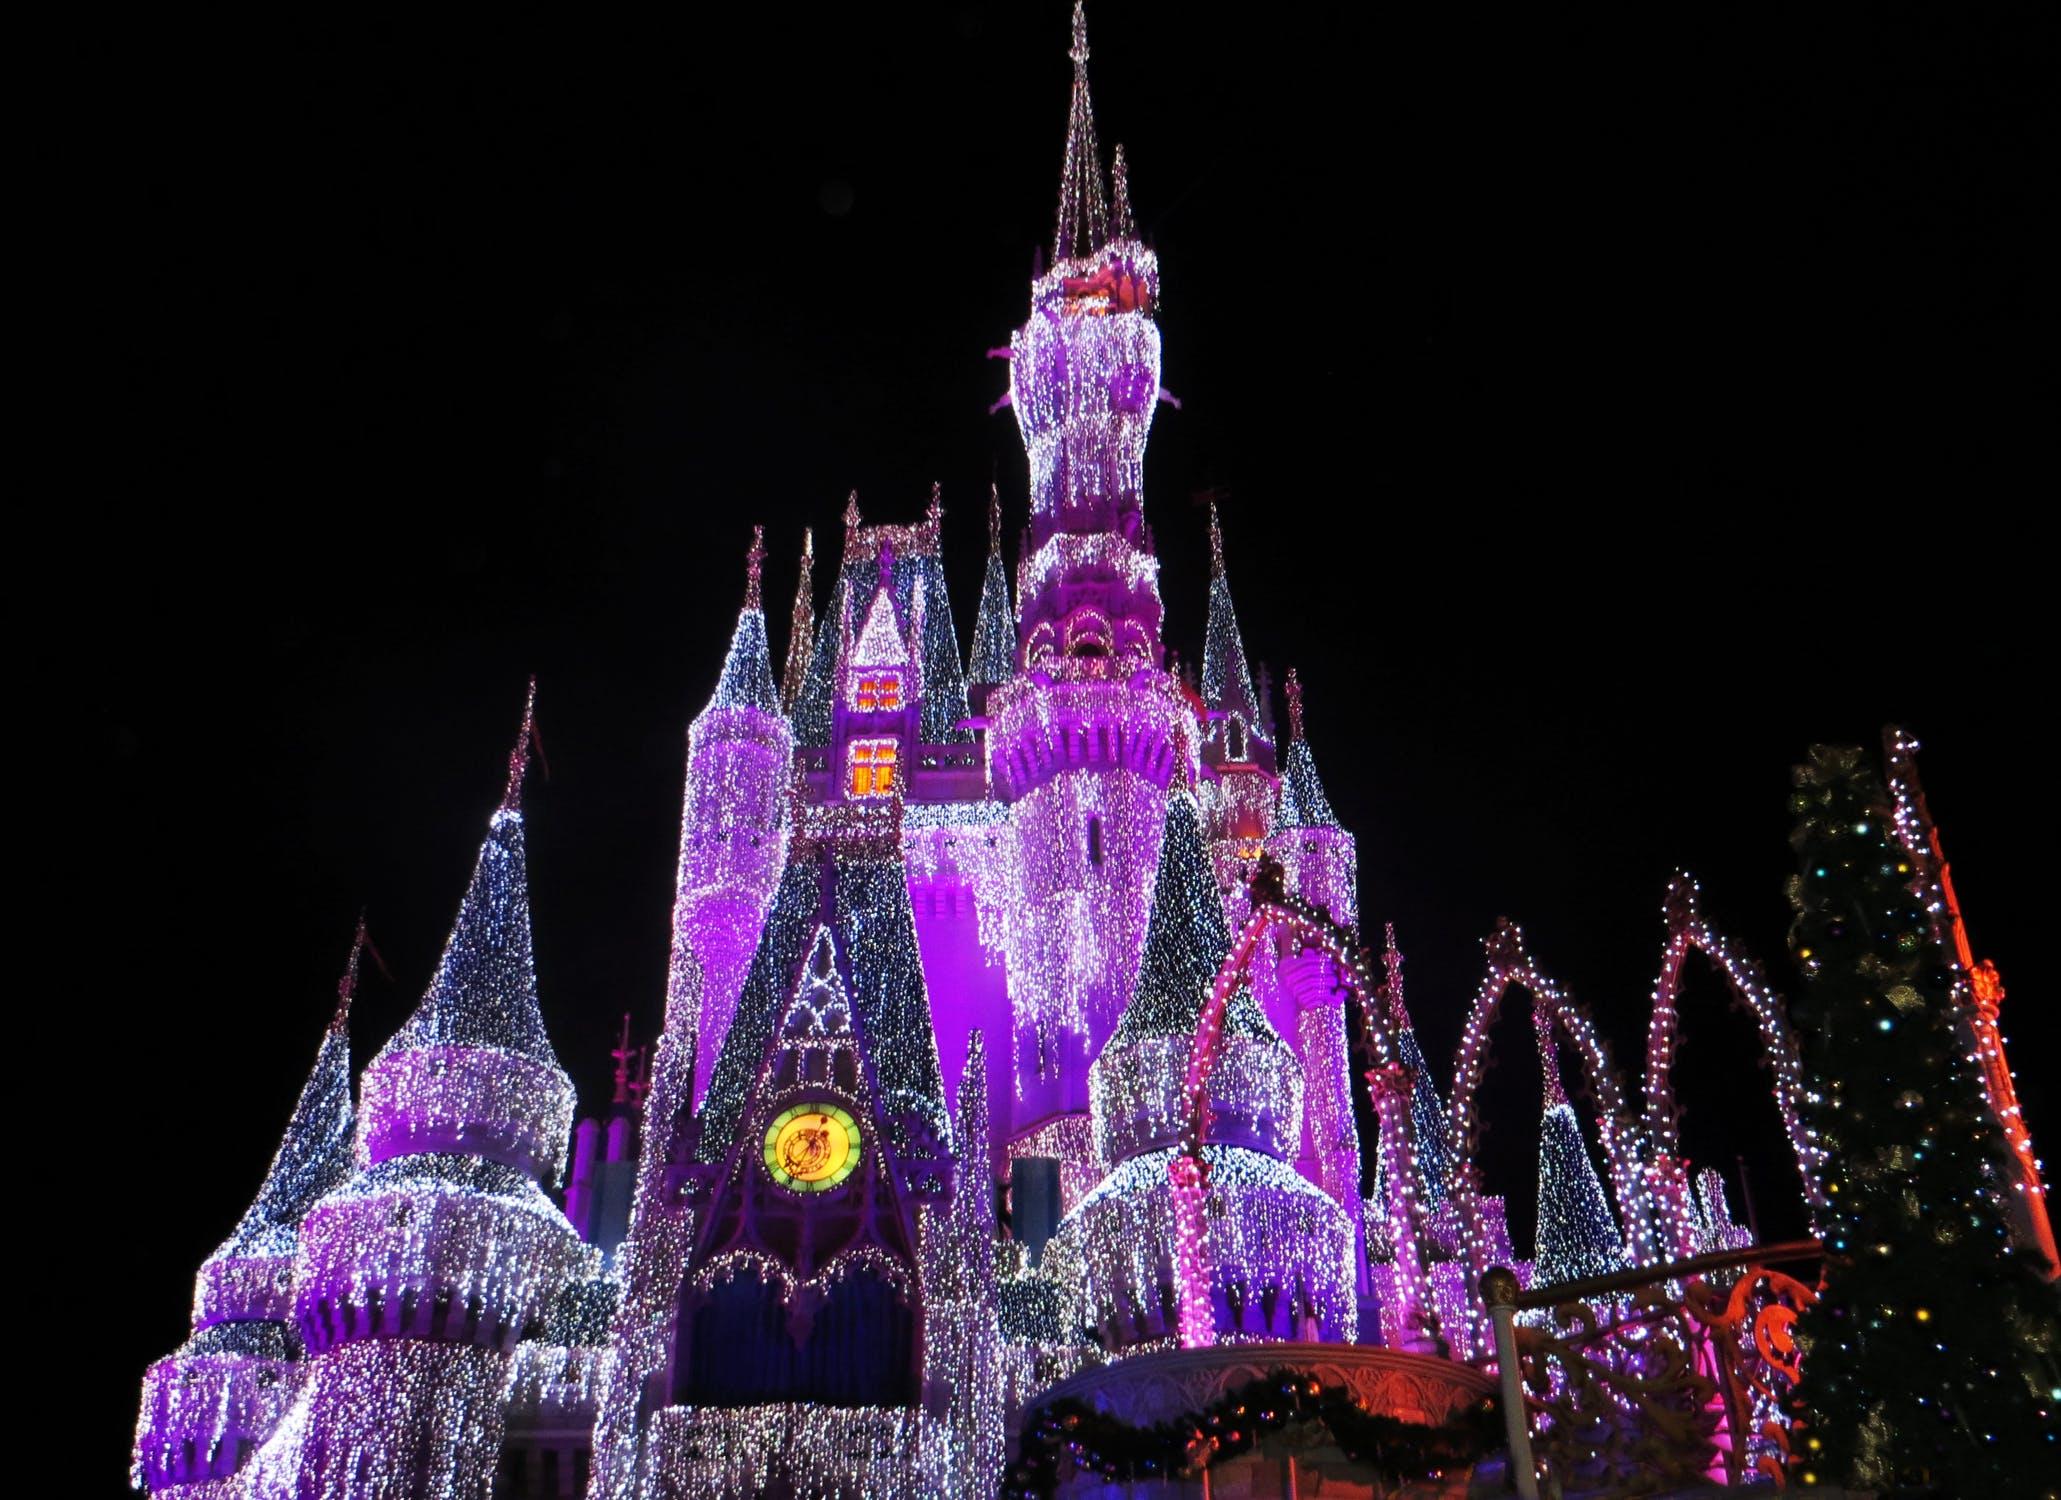 迪士尼继承人卧底乐园,发现员工假装开心,童话王国这是怎么了?